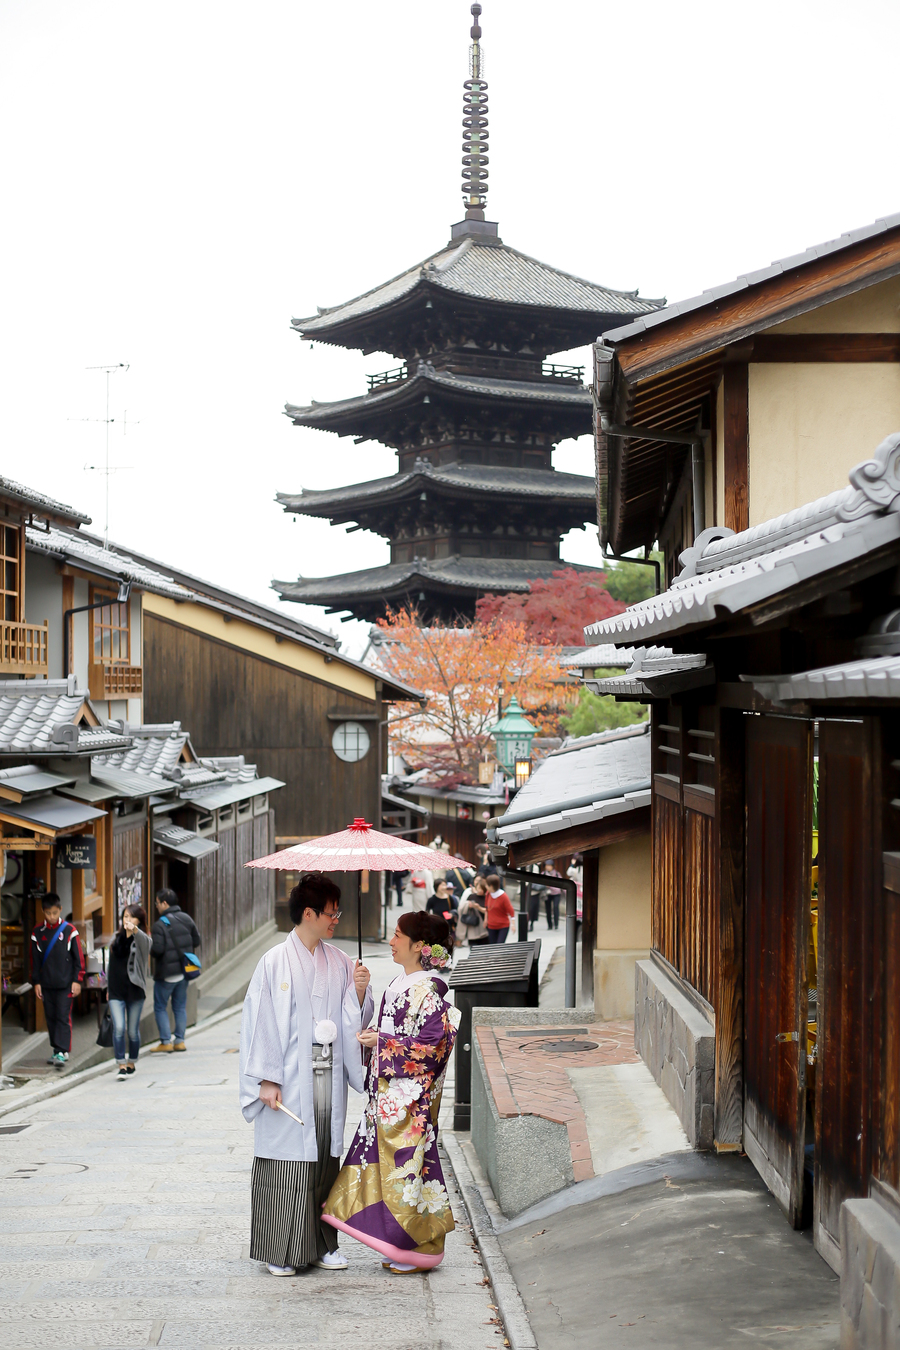 京都八坂の塔を背景に撮影